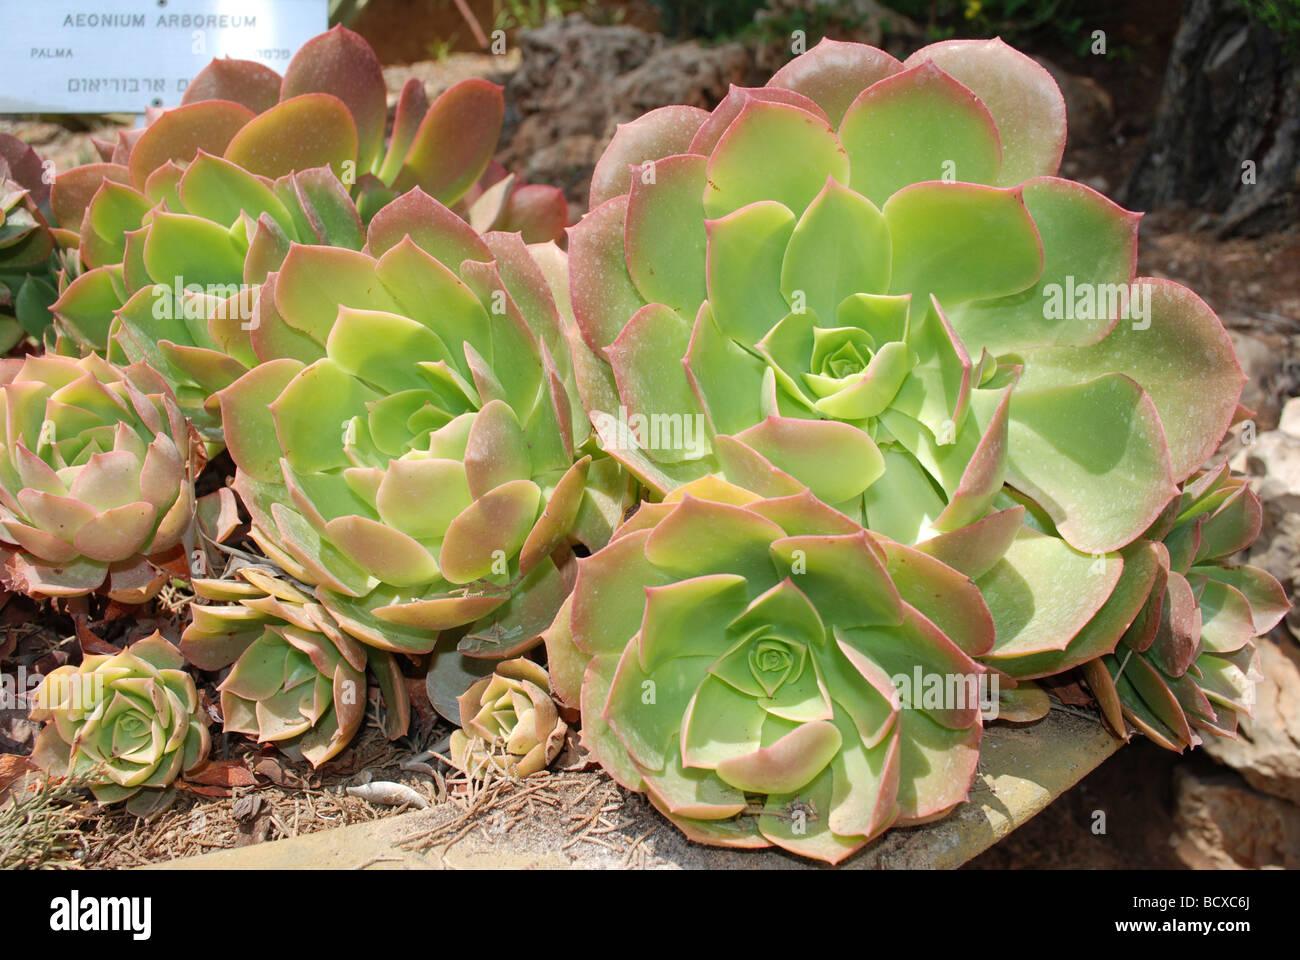 L'Aeonium Aeonium arboreum un arbre subtropical succulentes plantes du genre Aeonium et famille des Crassulaceae Banque D'Images